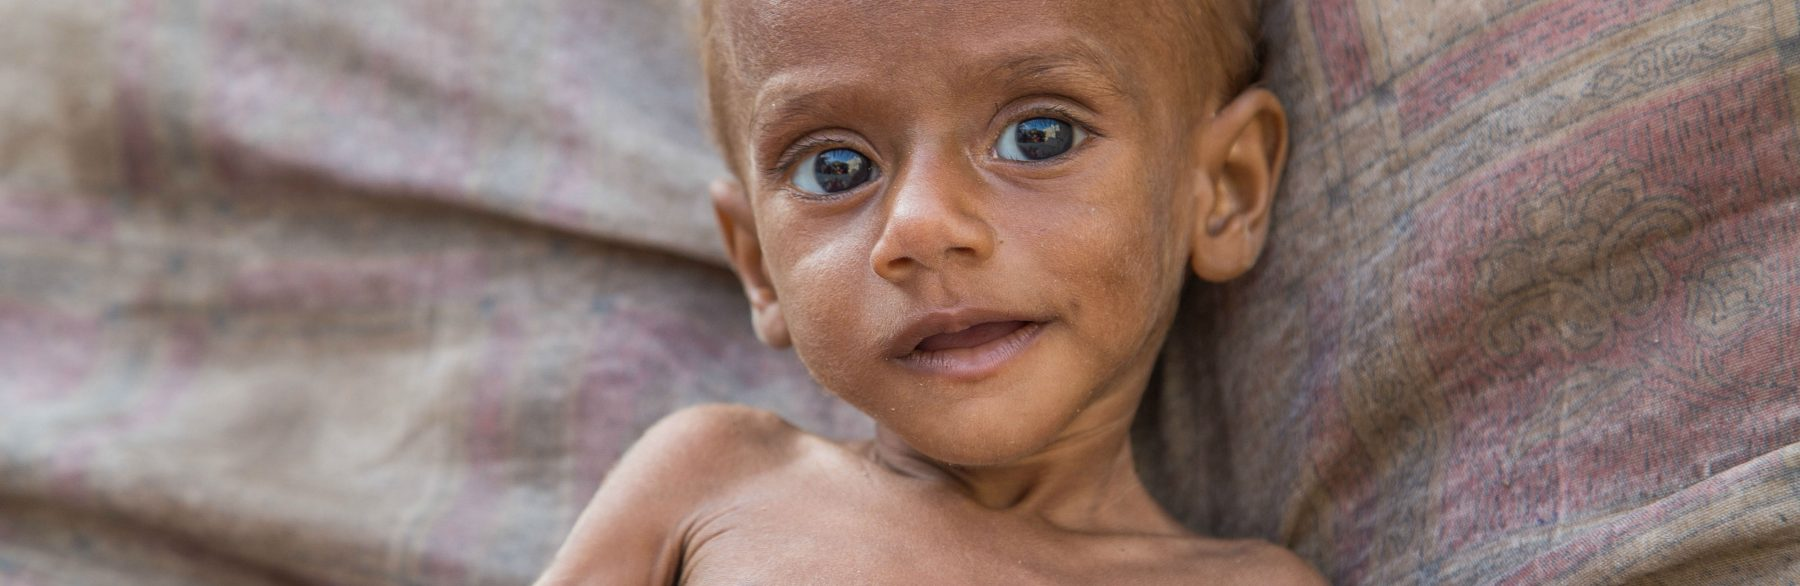 Yemen needs COVID-19 aid